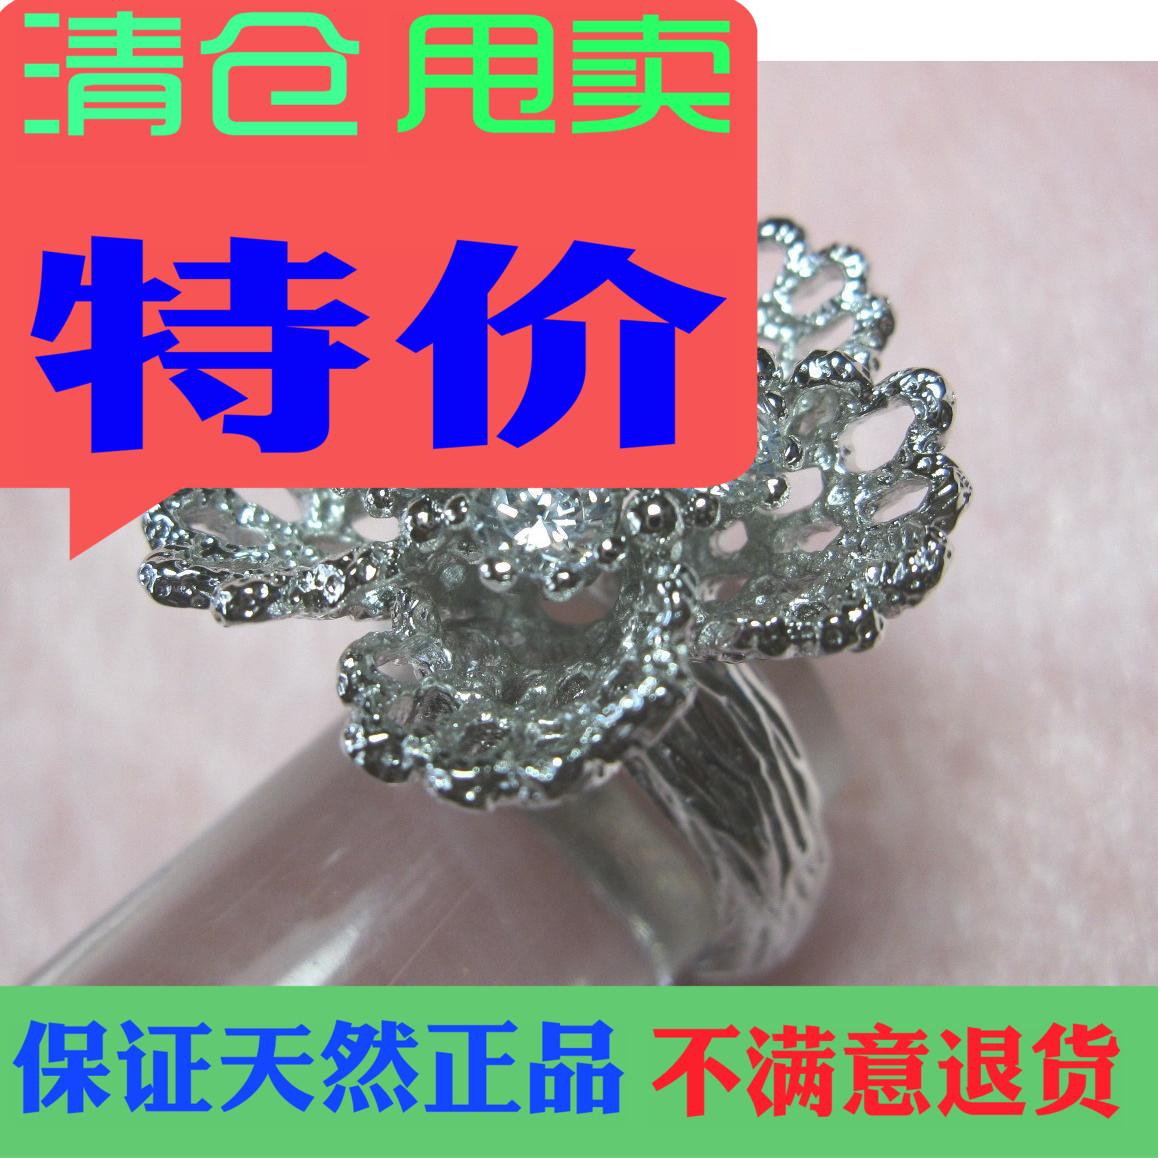 名牌款式豪华的-手工非常精致银戒指Si-0003R情人生日结婚送礼